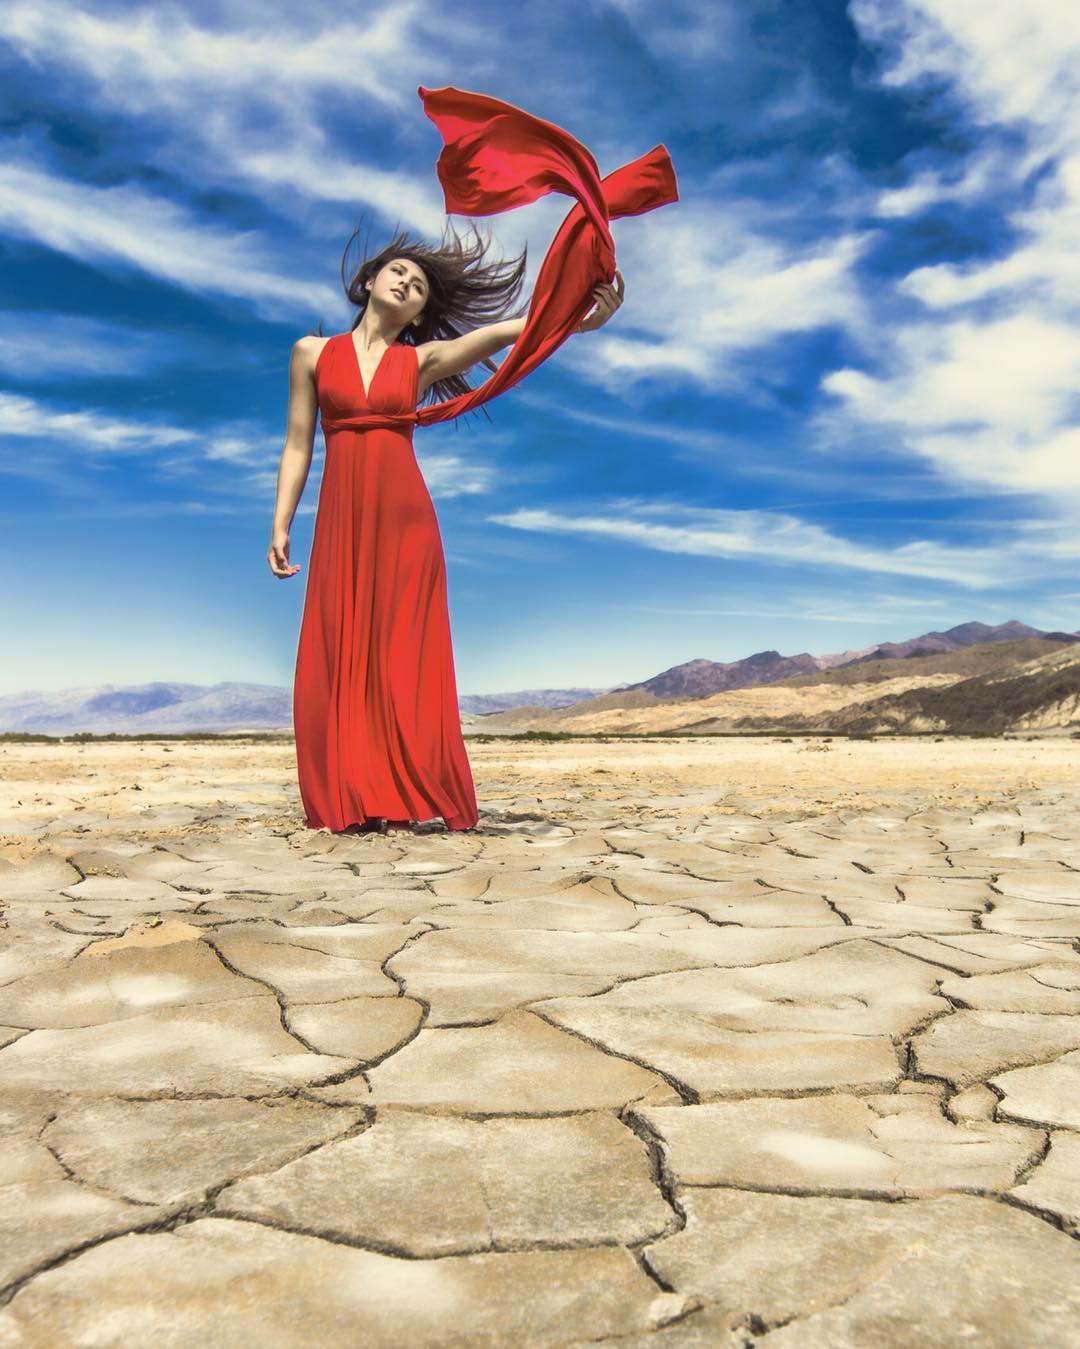 We wandered the desert for…